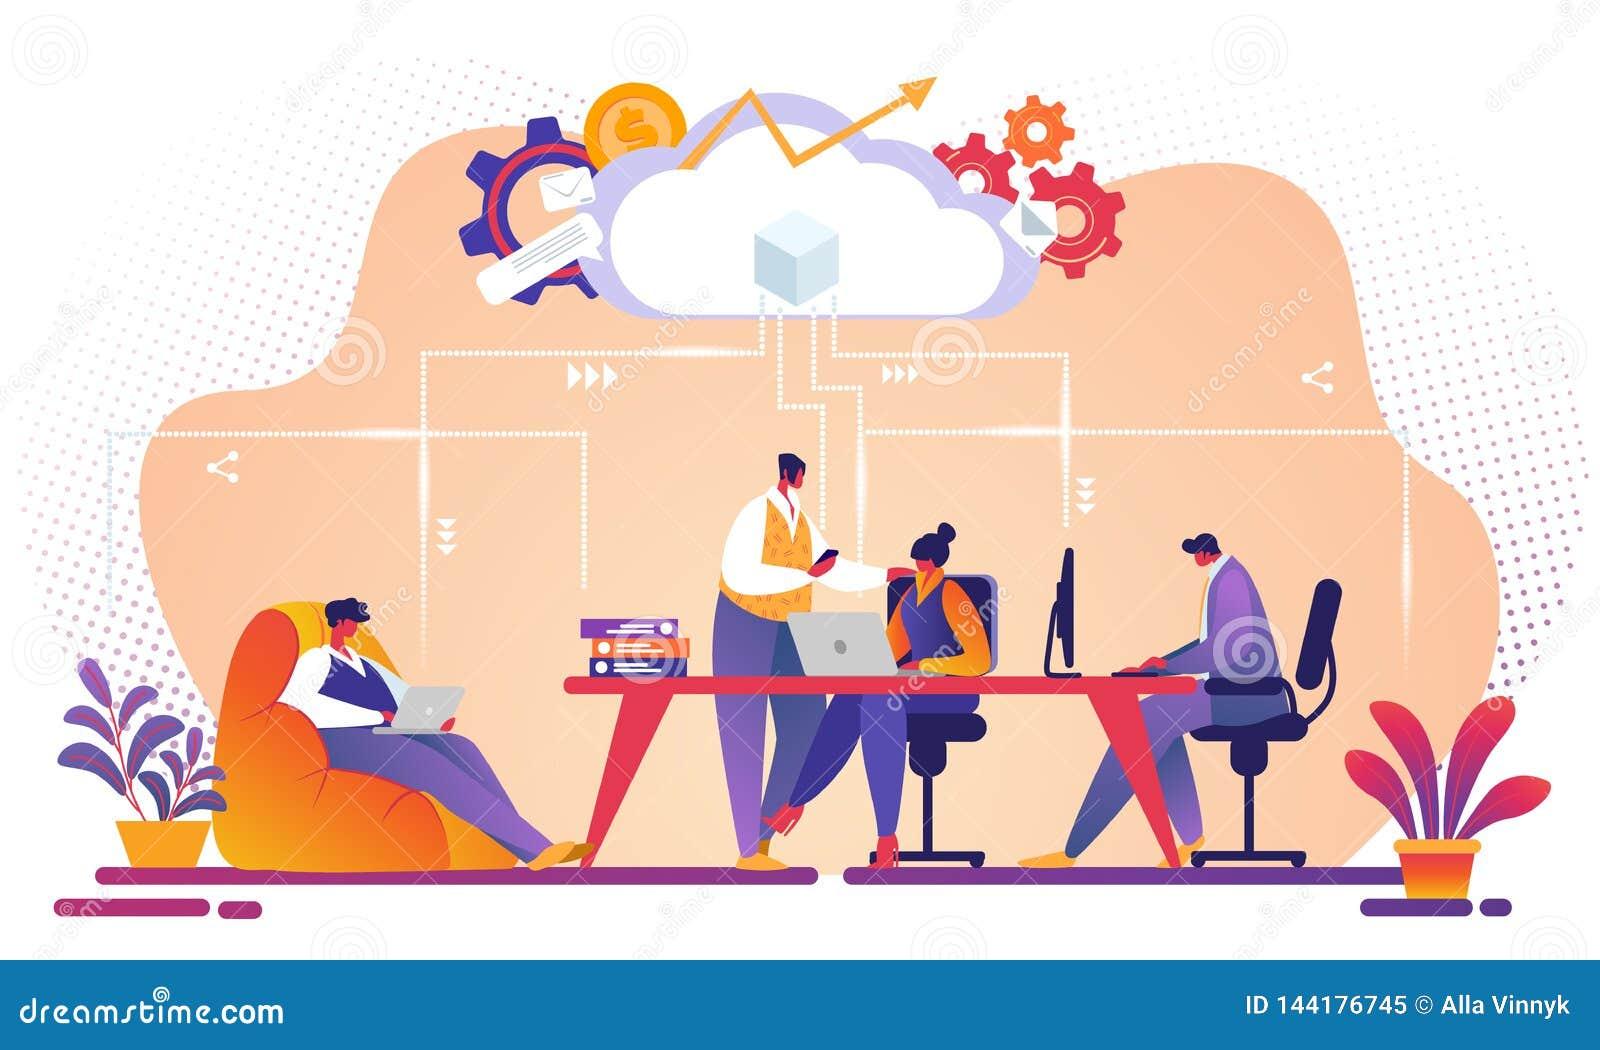 Επιχειρησιακή ομάδα που εργάζεται μαζί χρησιμοποιώντας την υπηρεσία σύννεφων